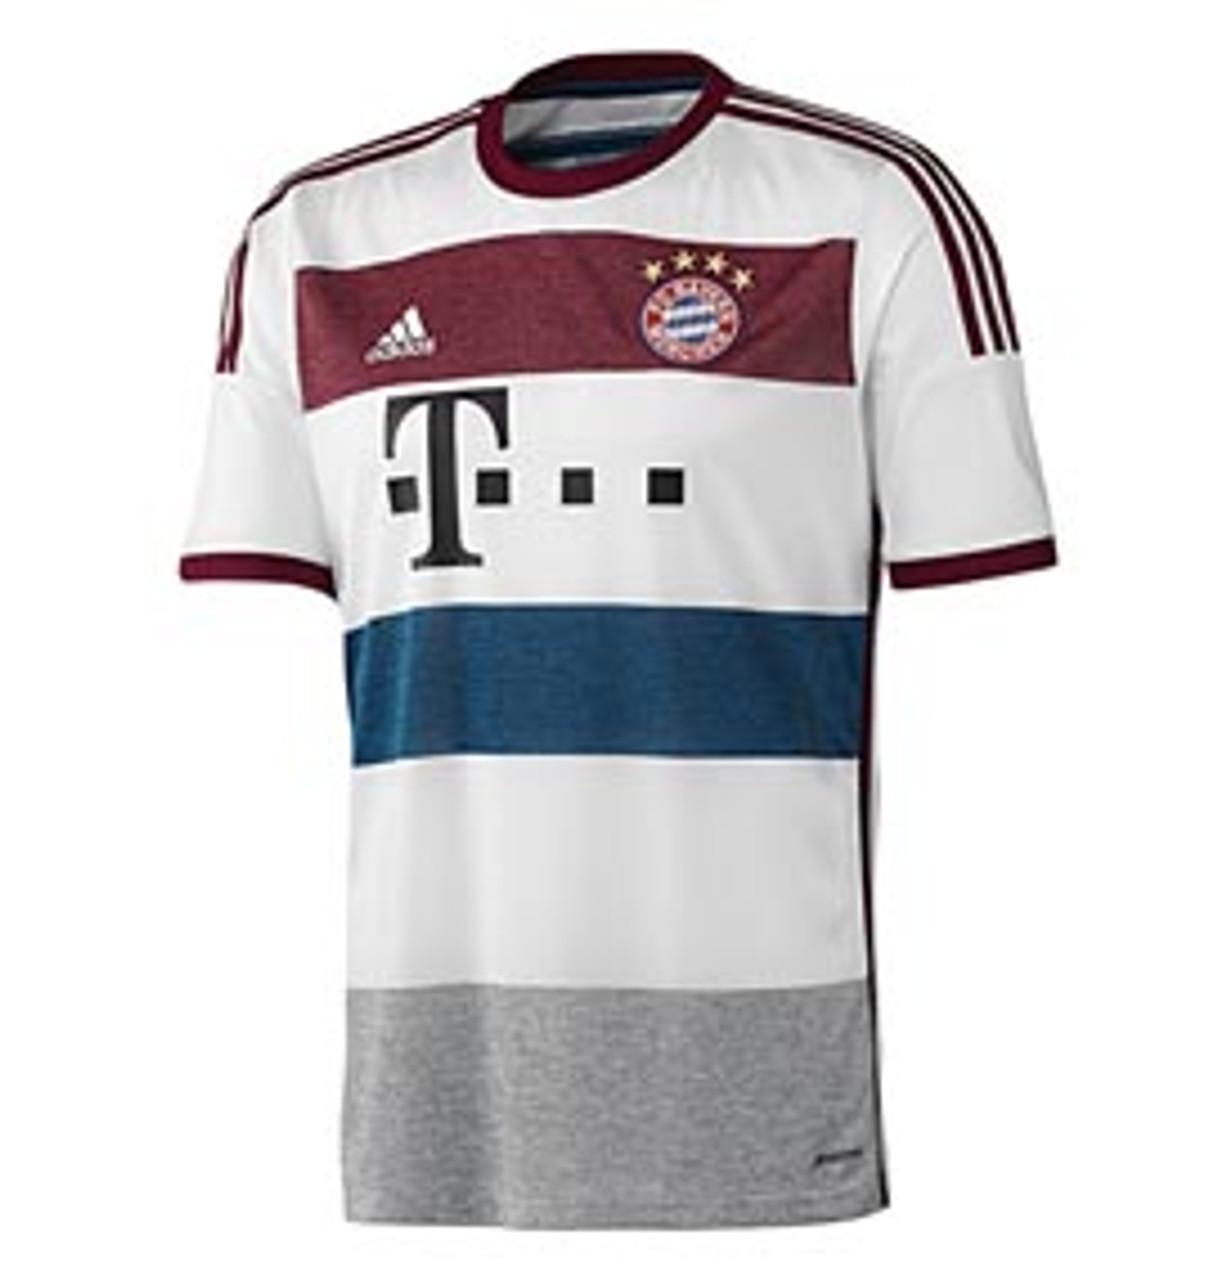 Adidas Fc Bayern Munich 2015 Away Jersey White Soccer Plus